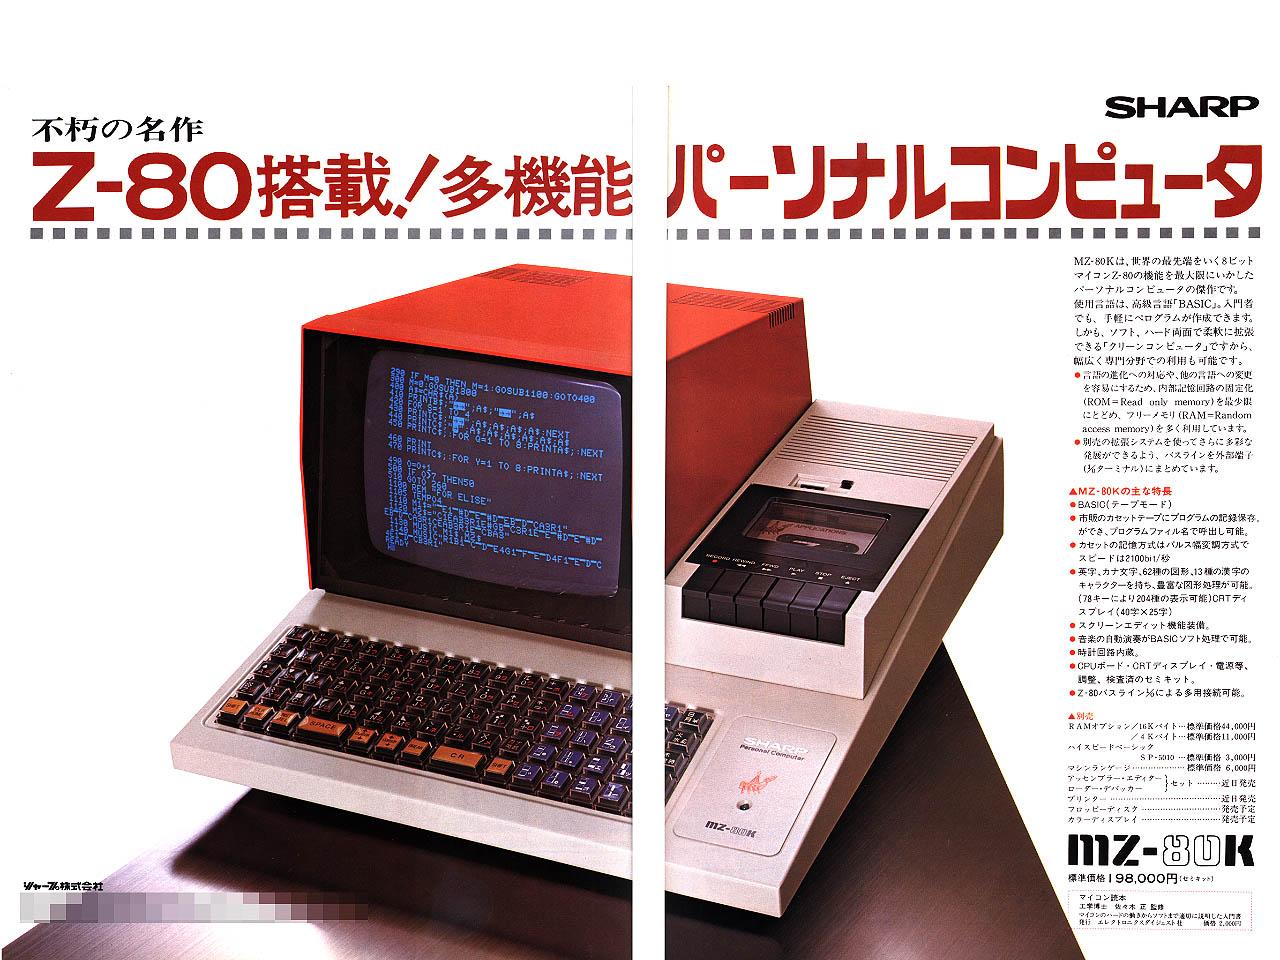 MZ-80KやPC-8001といった機種が投入されたことで、市場は活況をみせる。これが、現代まで続くパソコン文化の始点の一つといえるかもしれない。